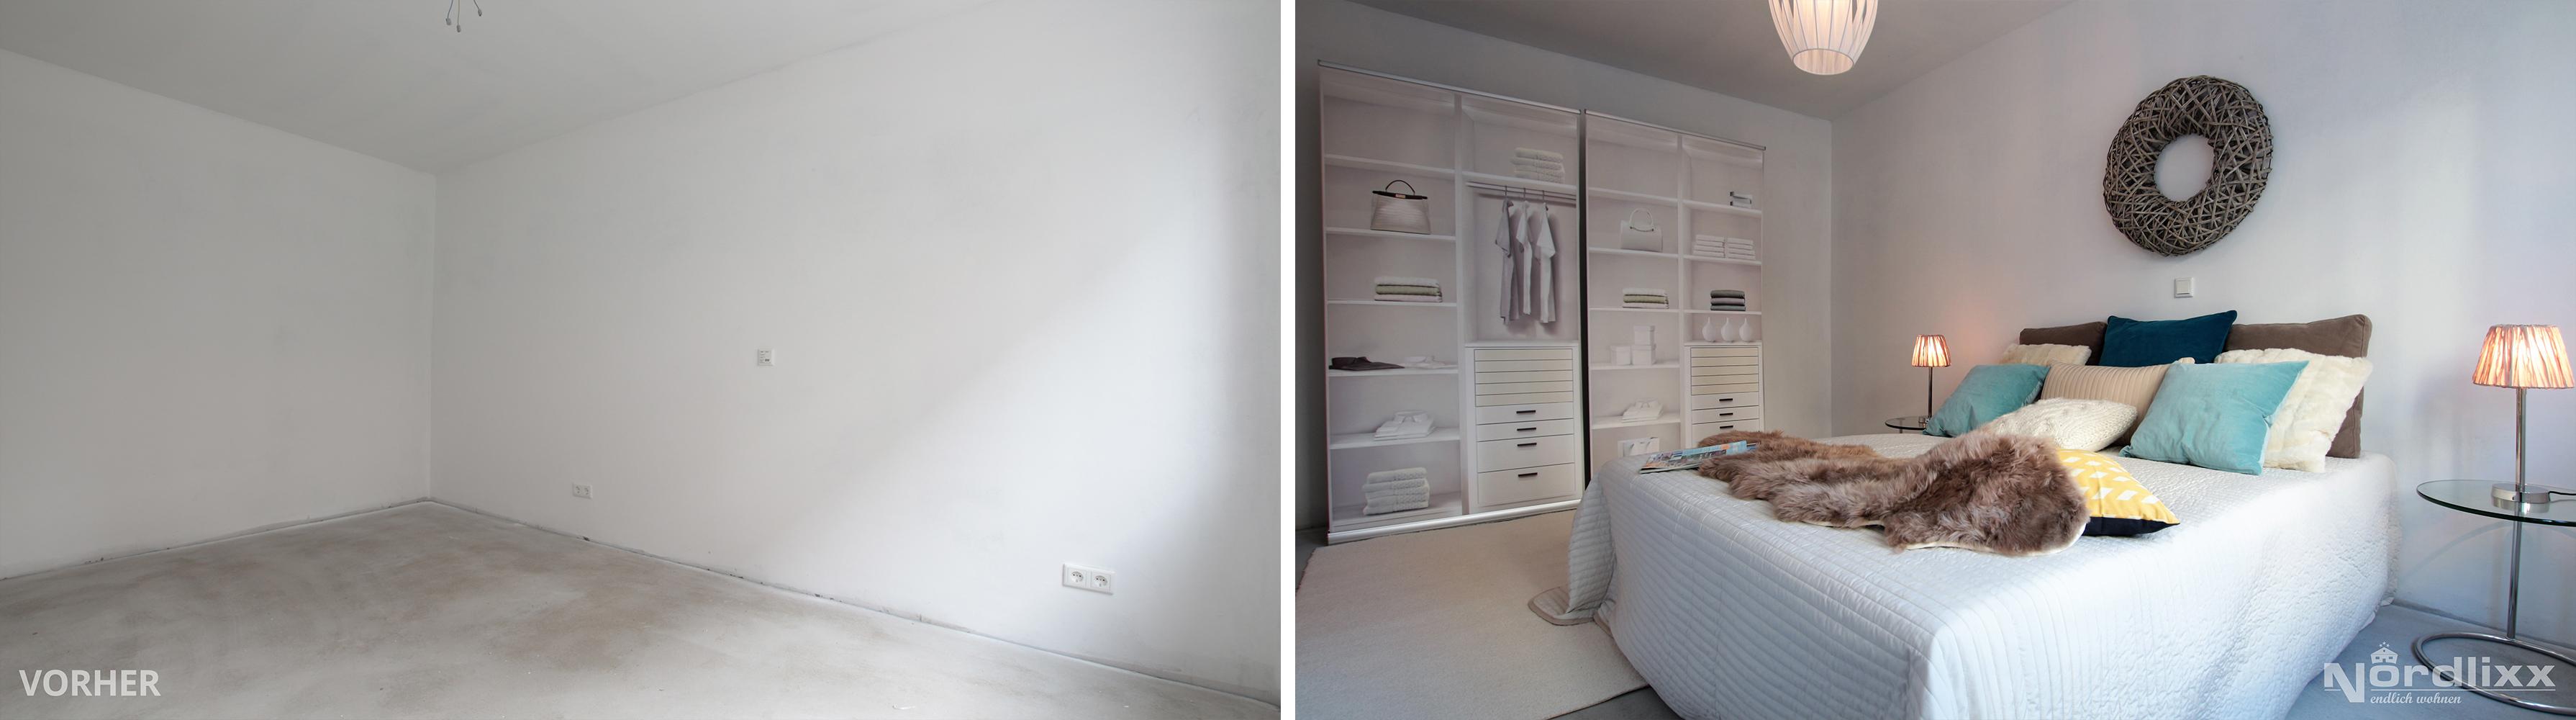 Home Staging Nordlixx vorher-nachher Rohbau Schlafzimmer - NORDLIXX ...